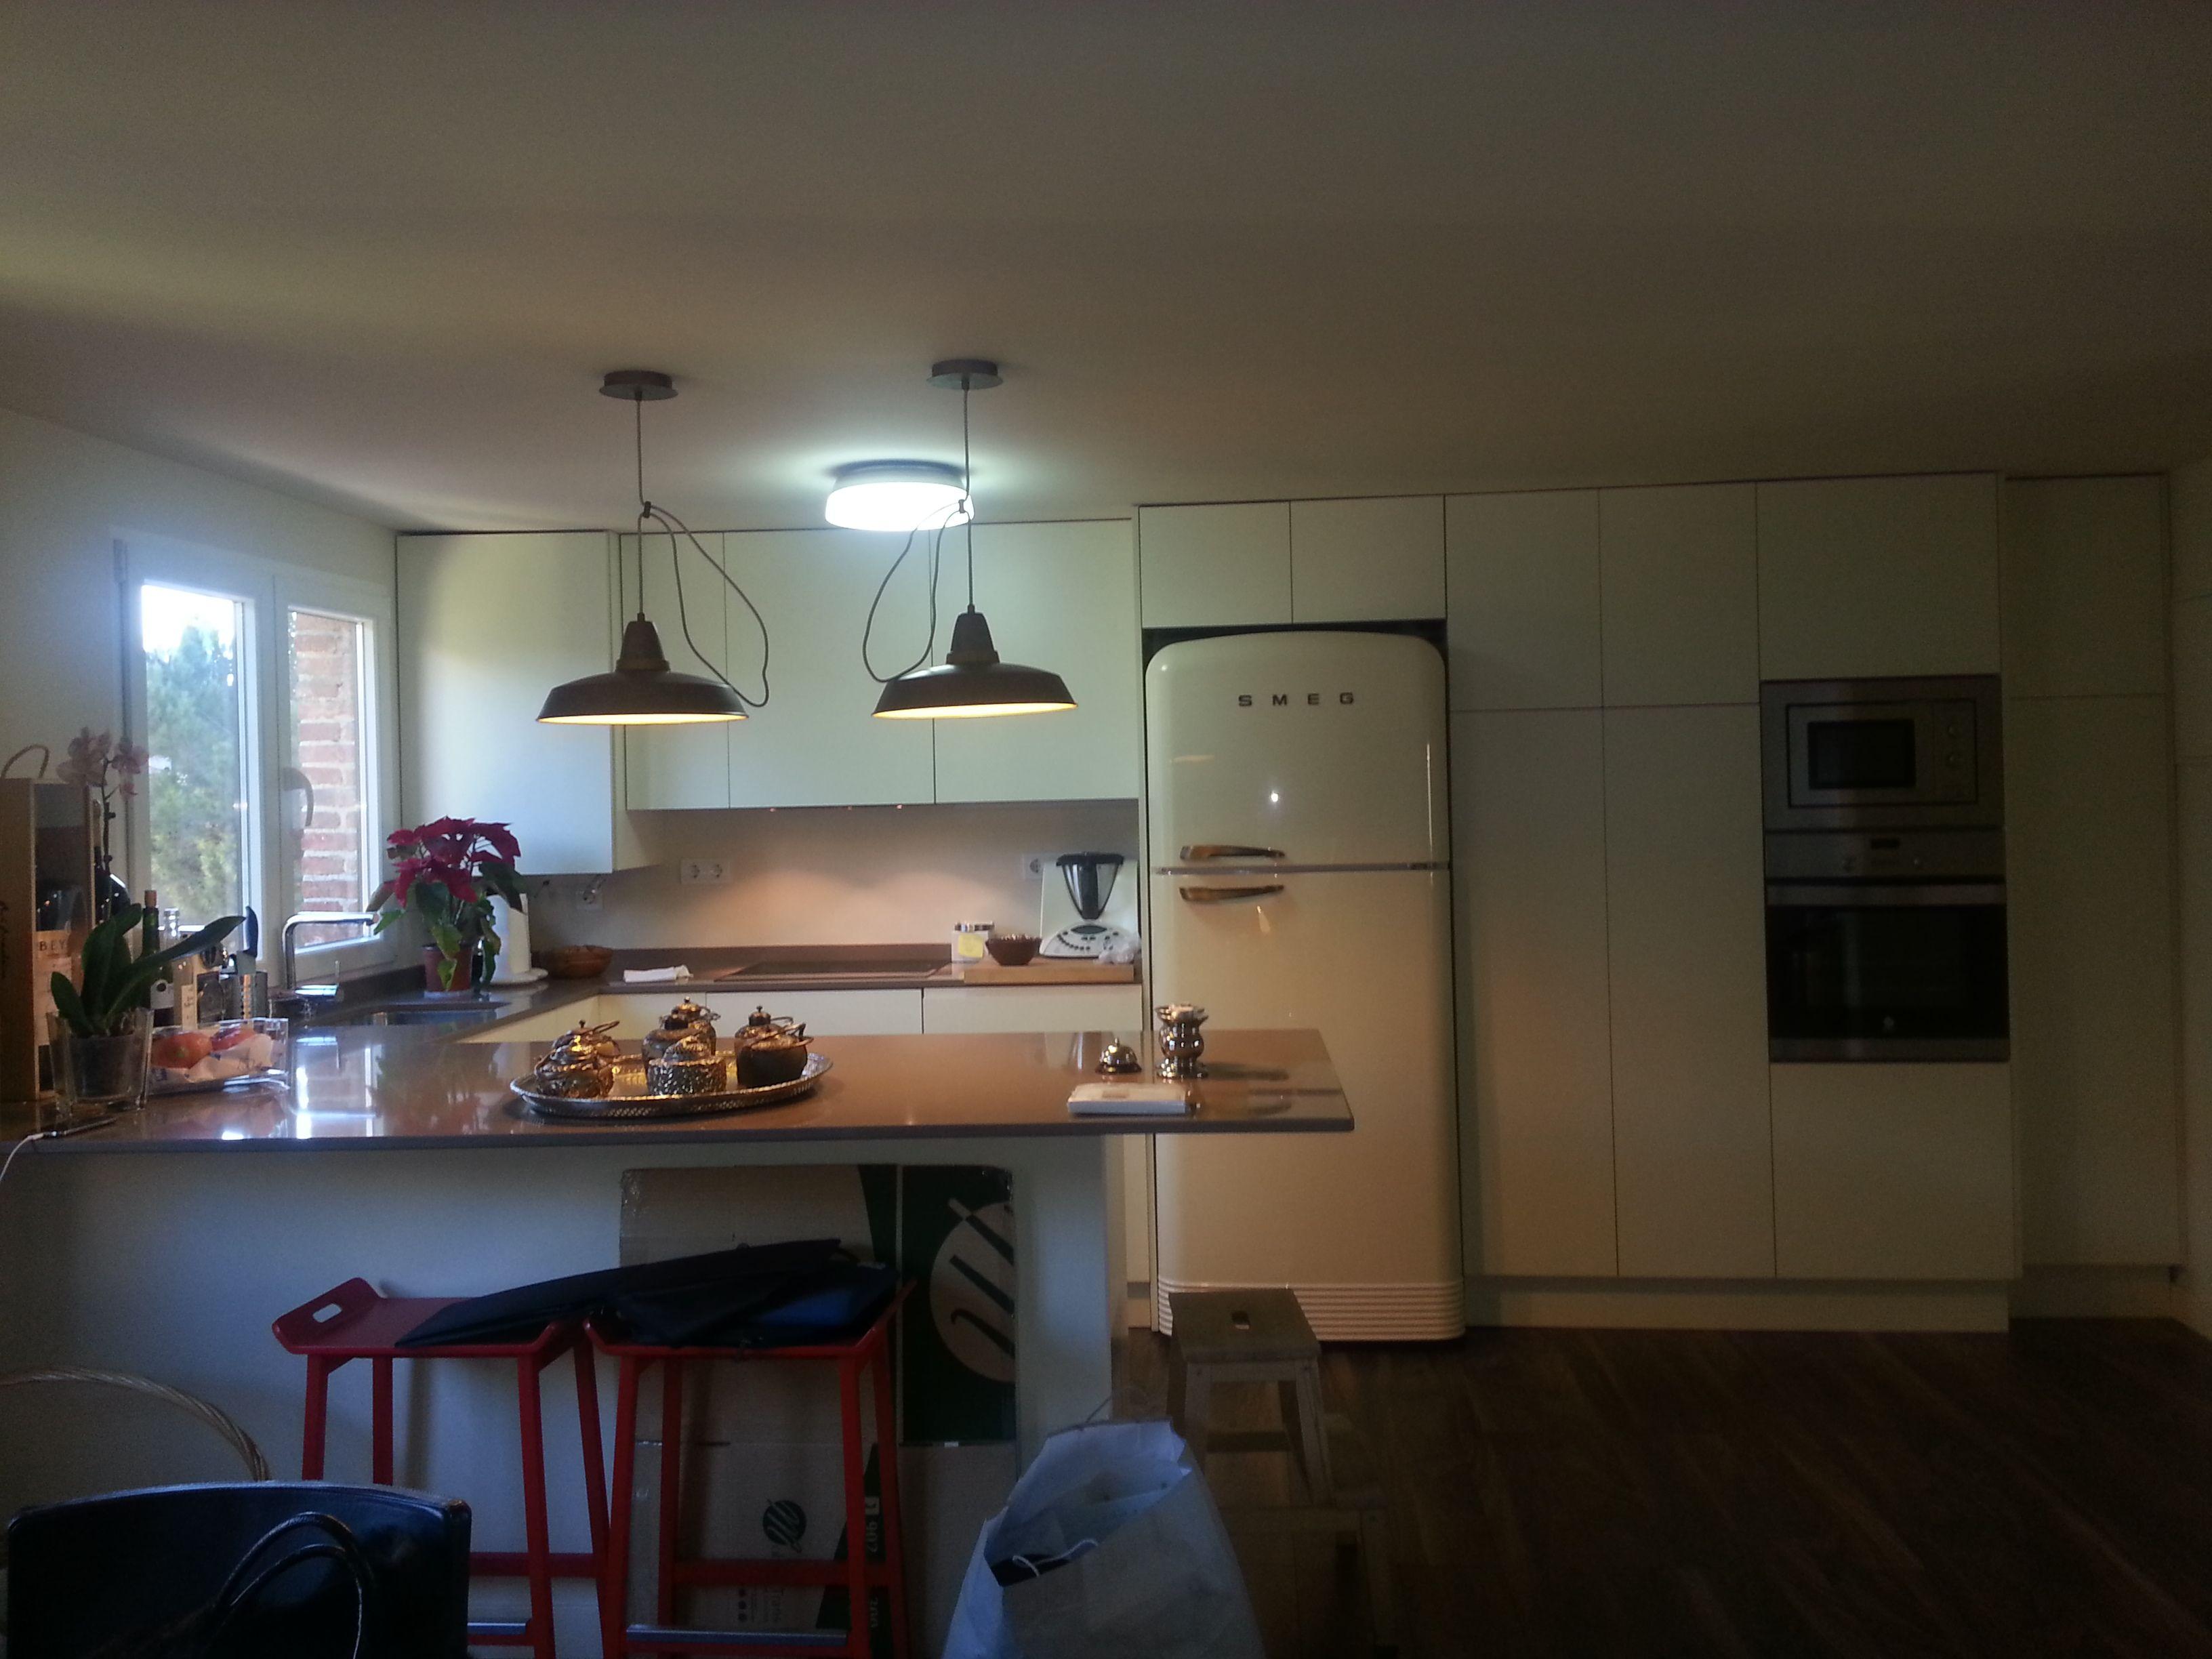 Comedor #Cocina #Salon #moderno #decoracion via @planreforma ...